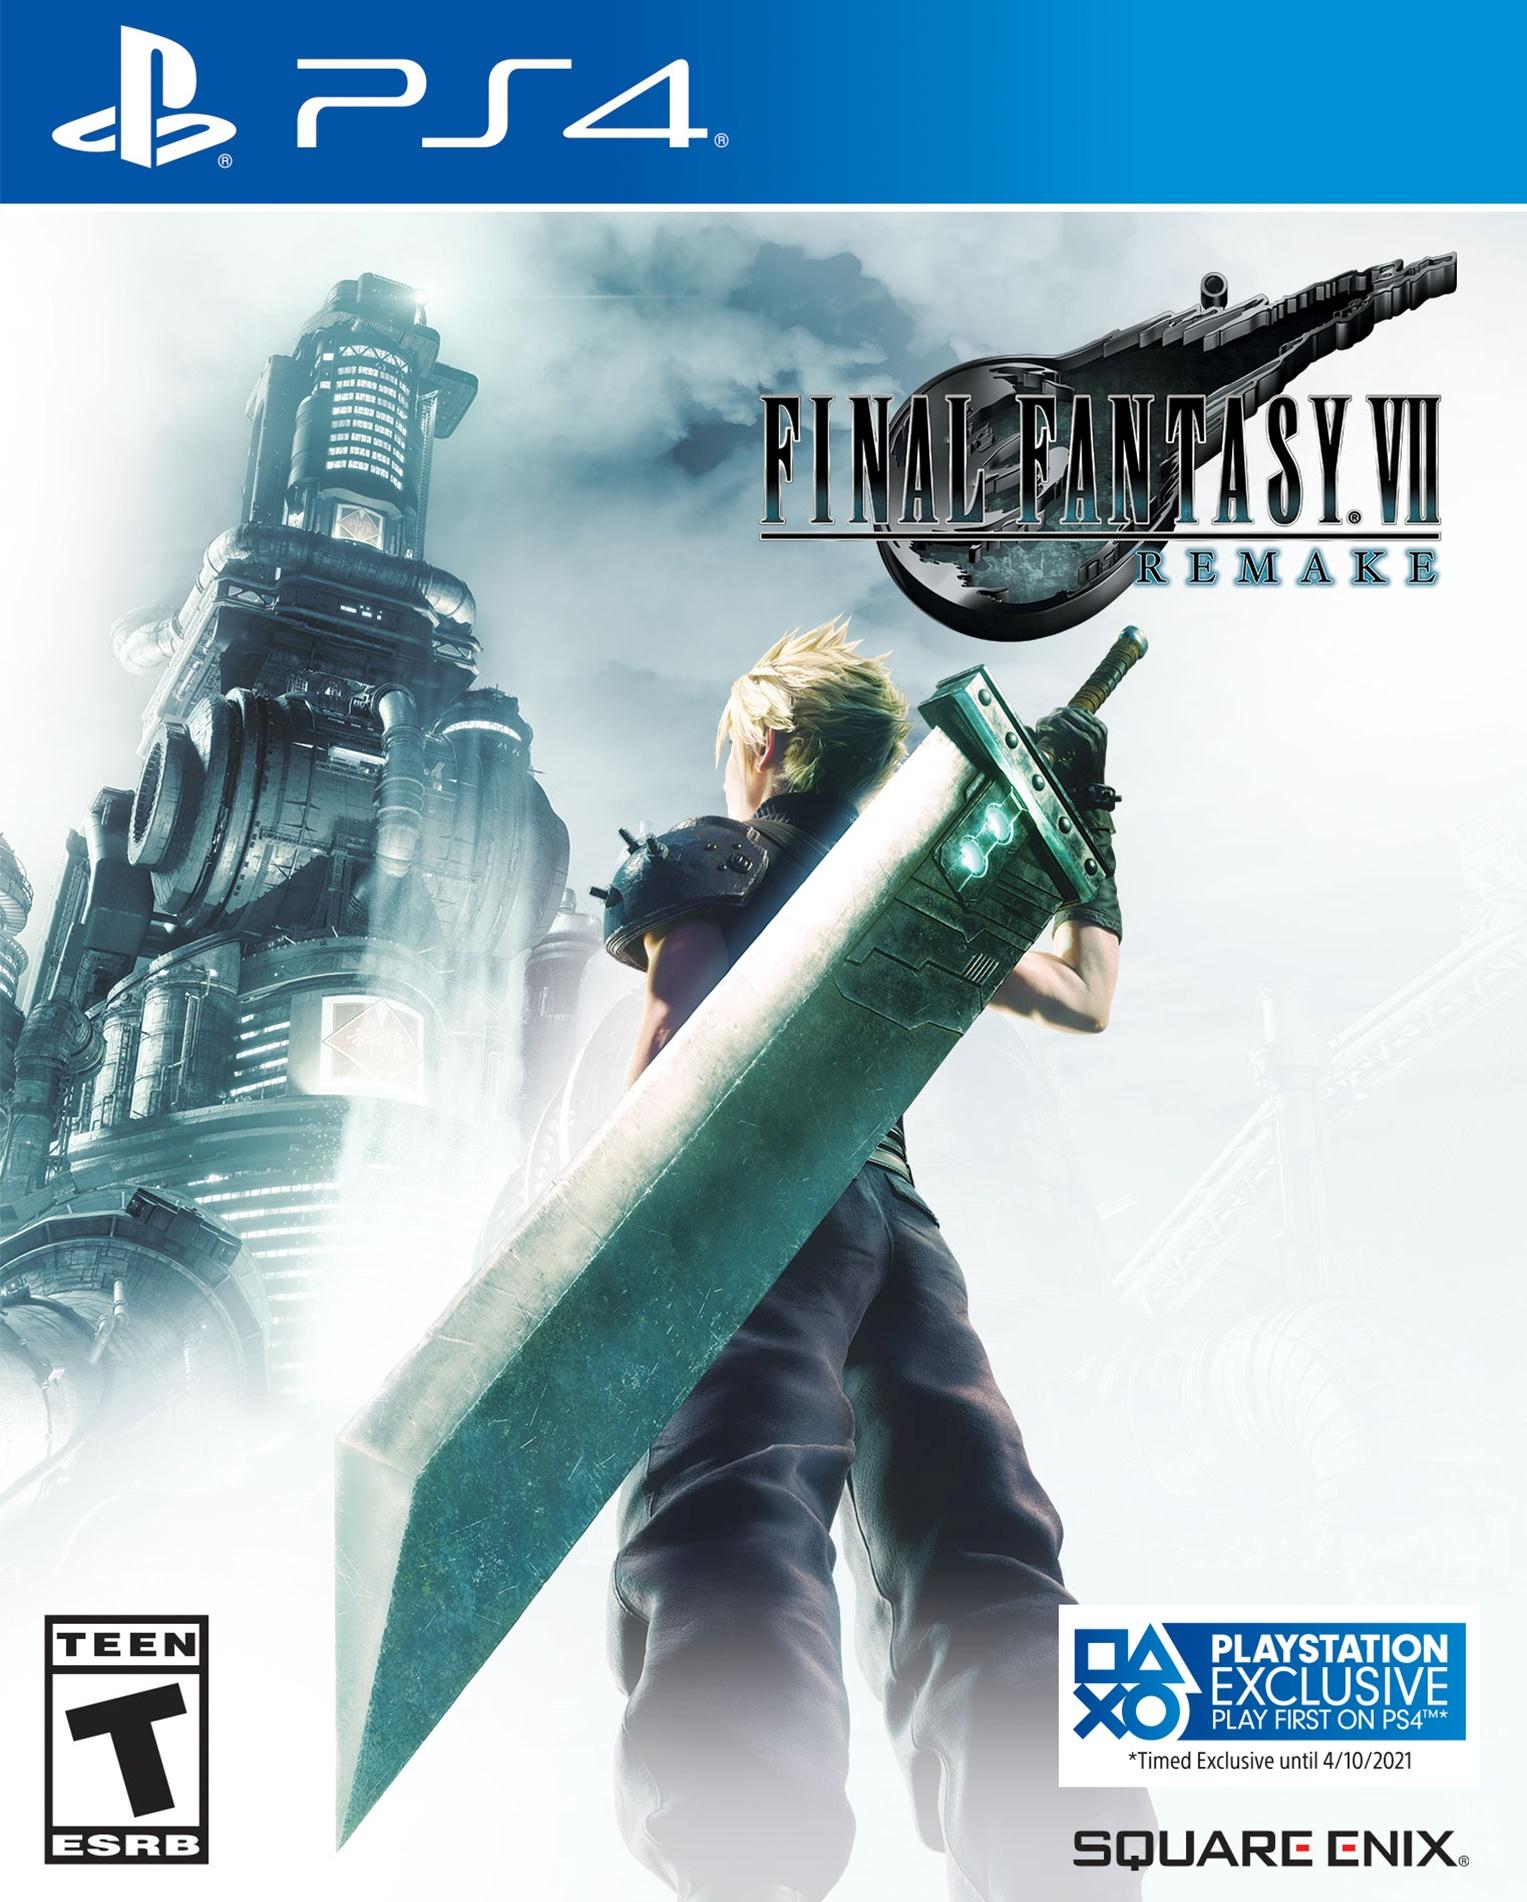 Časová exkluzivita remaku Final Fantasy VII pro PS4 prodloužena FF7R Box Art 02 06 20